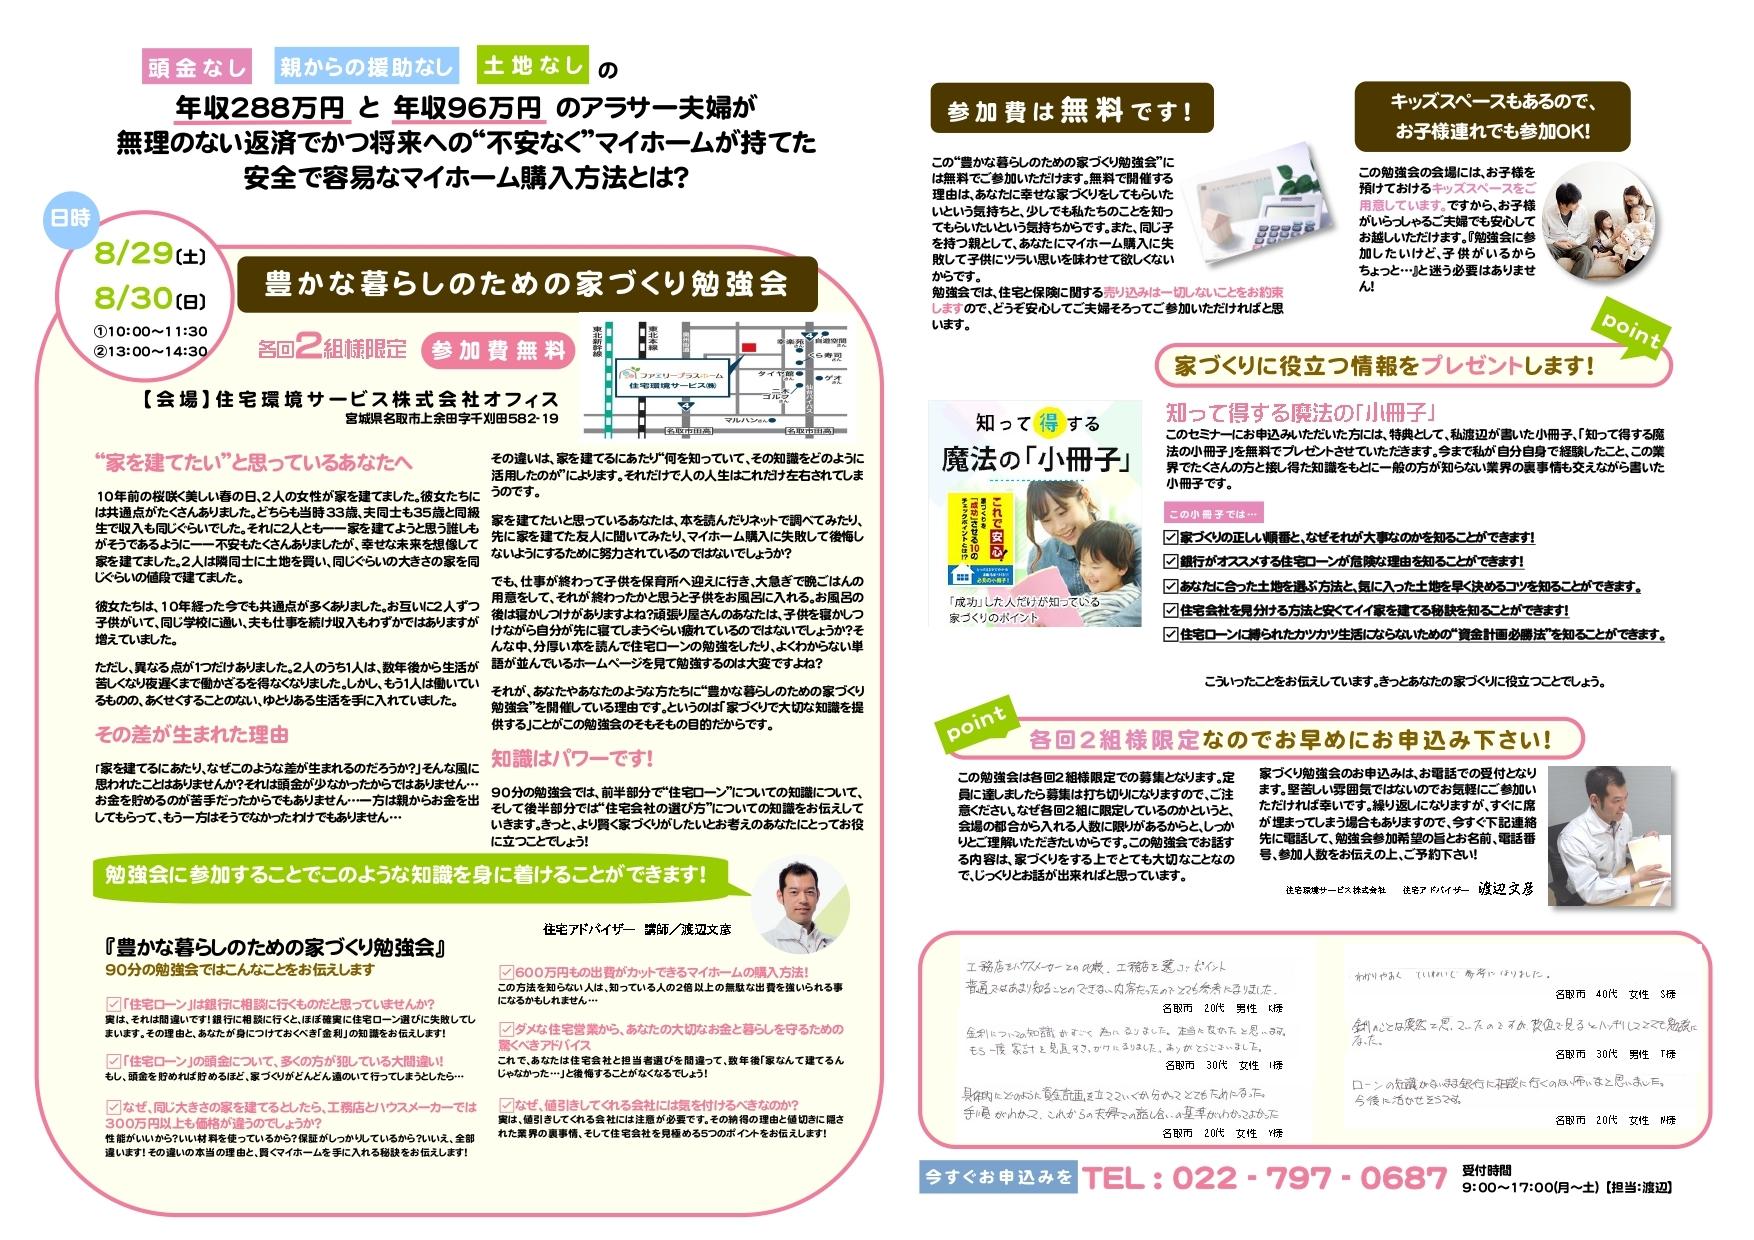 http://www.jutakukankyo-service.jp/a8eb45c7c26c675278f54b9086672ce3f9d3718c.jpg